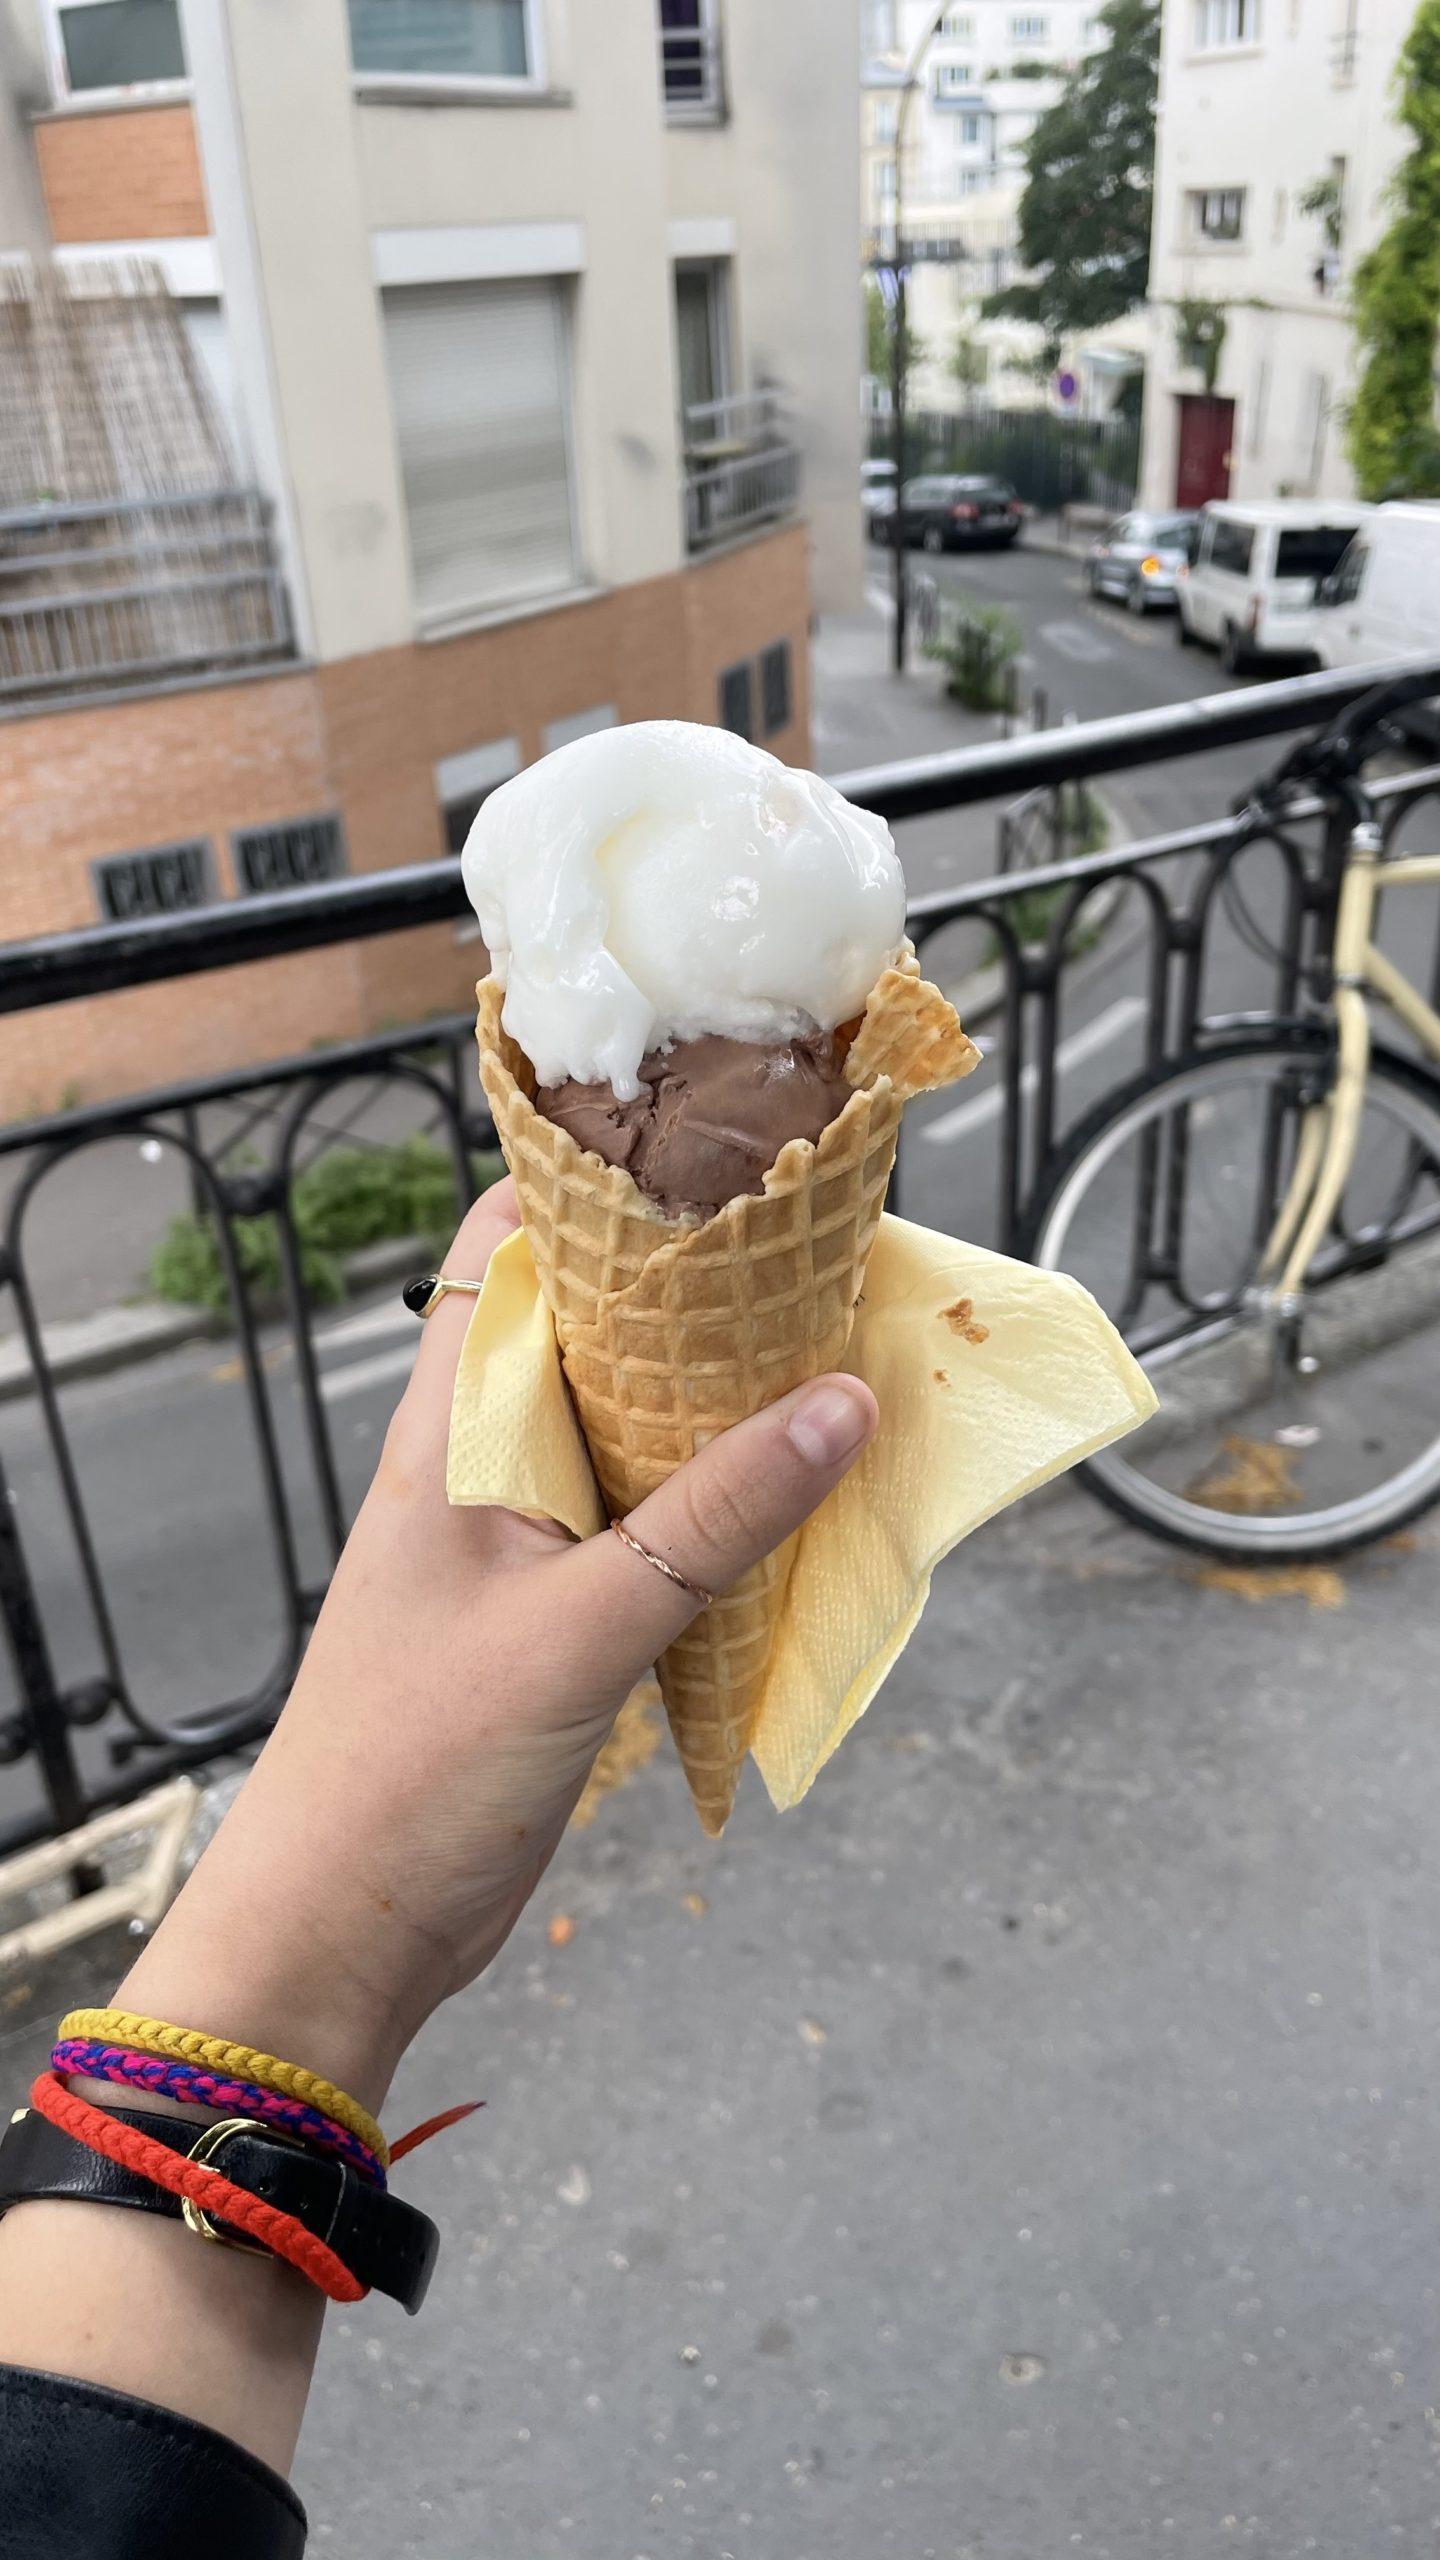 Où manger une glace artisanale dans le 20e arrondissement ?